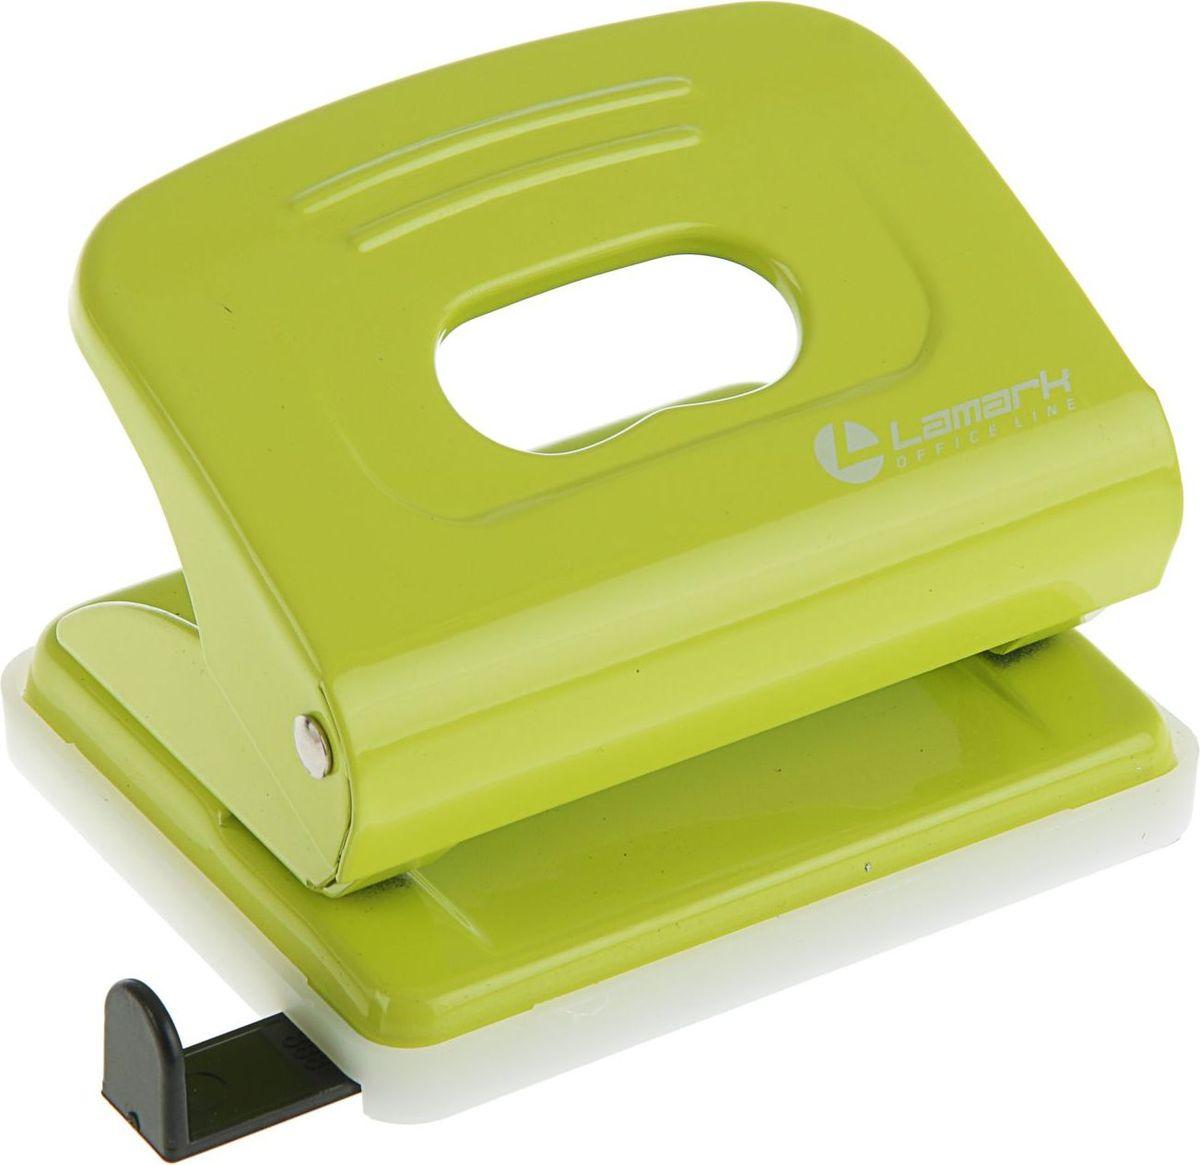 Lamark Дырокол Mettallic с линейкой на 20 листов цвет светло-зеленый дырокол deli vivid e0123 20 листов ассорти белый